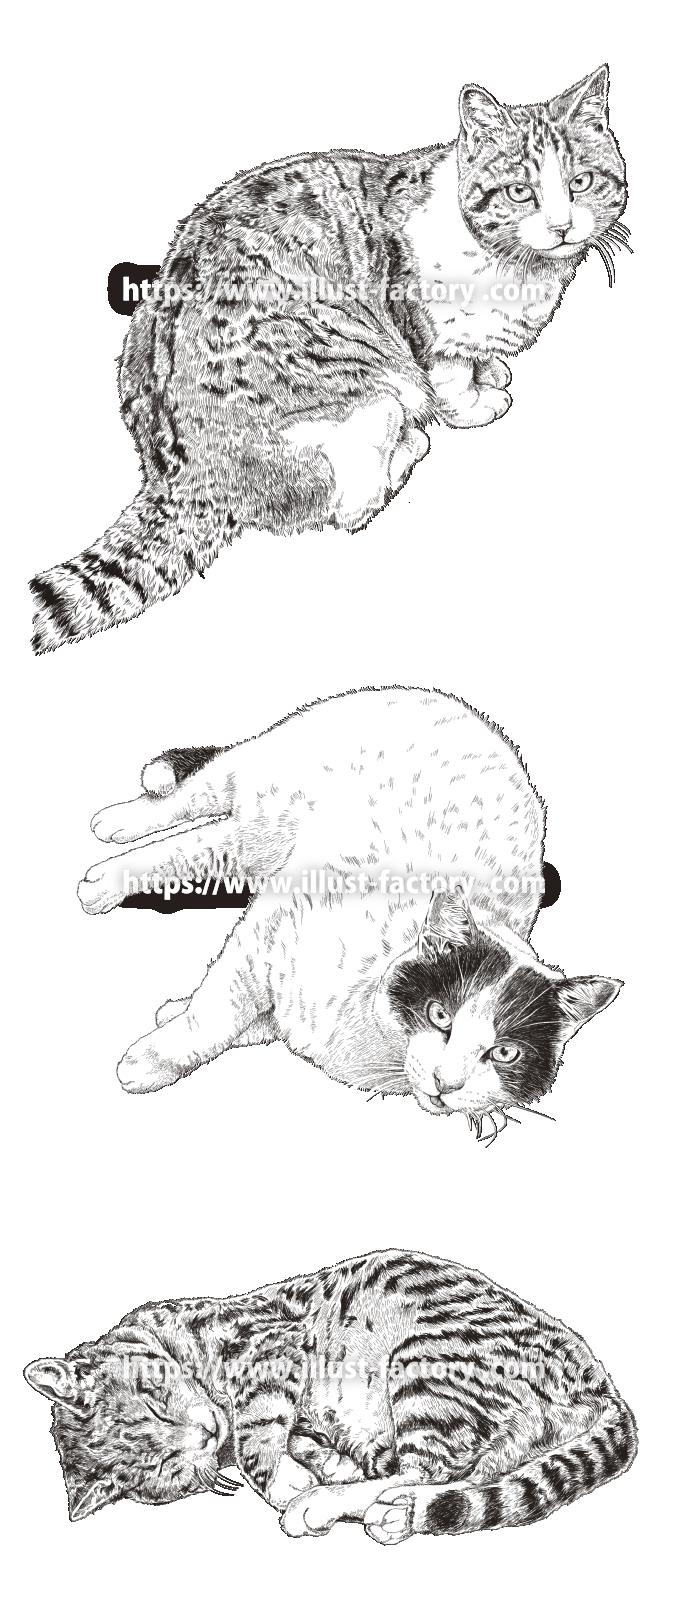 H128-01 リアルペン画風タッチの猫のイラスト モノクロ